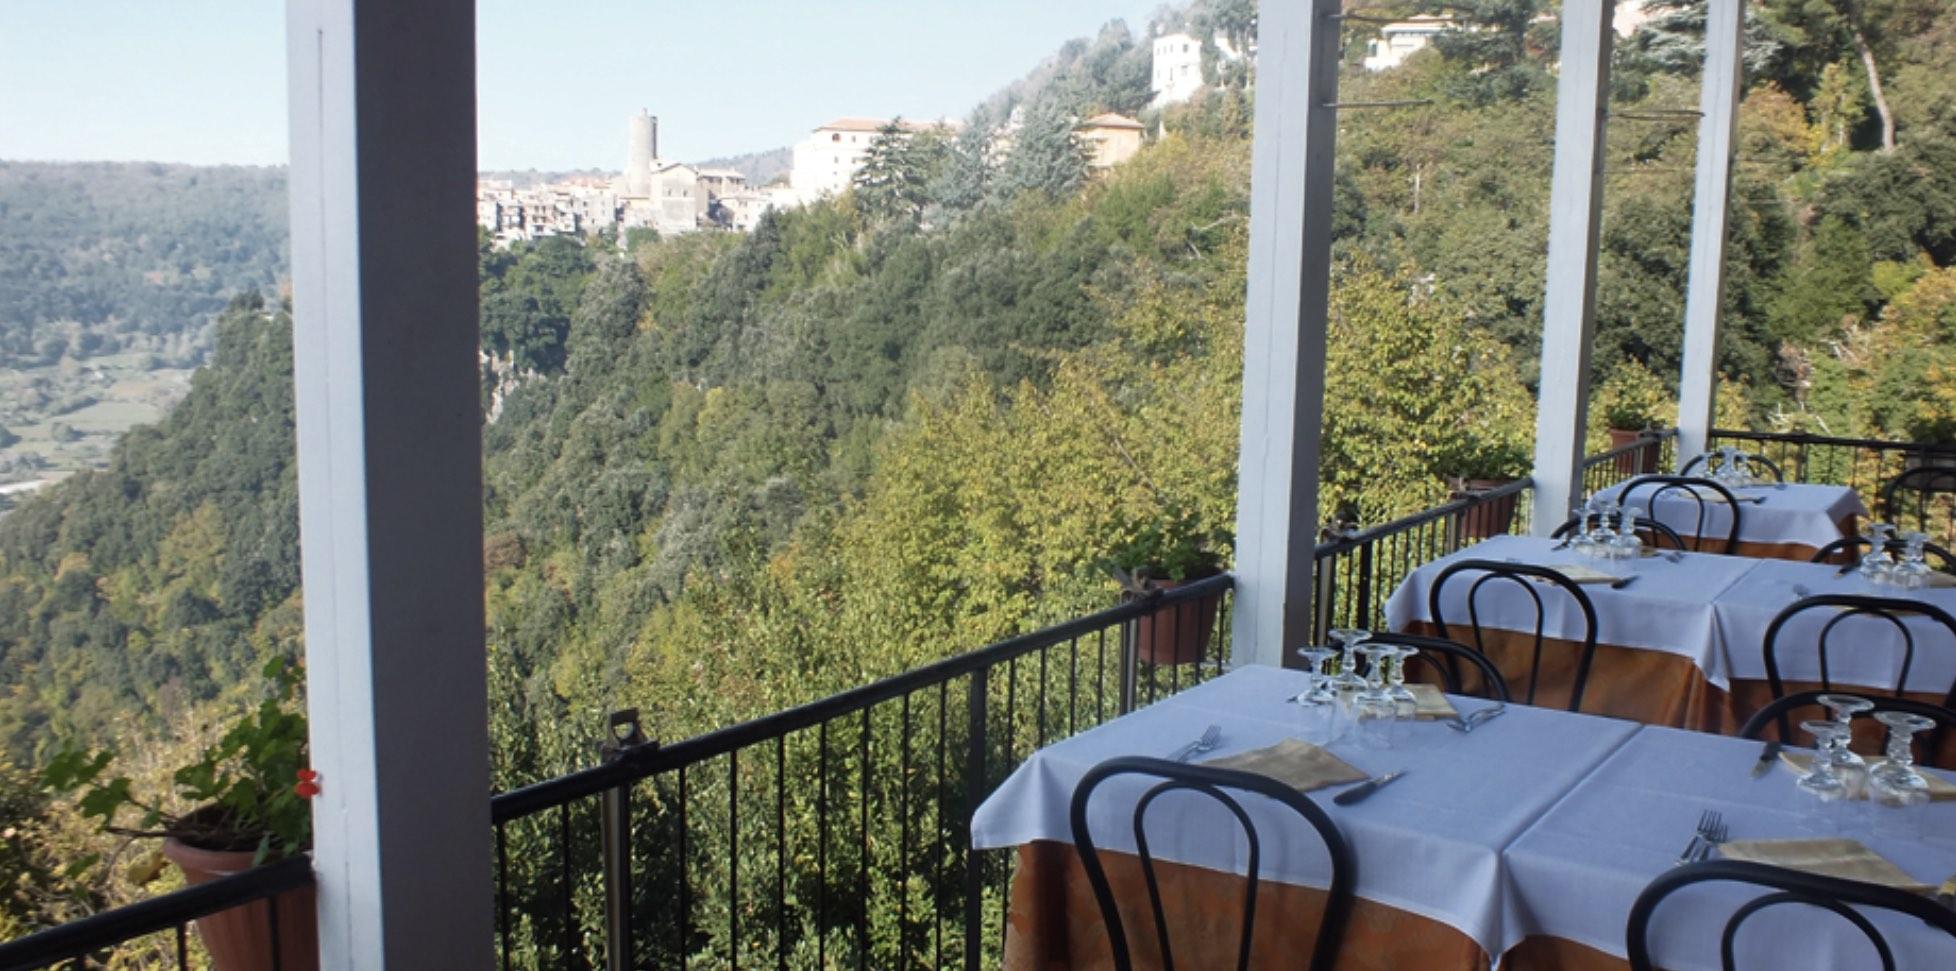 Il Ramo d'Oro Via Nemorense, 4 - 00040 Nemi - Roma Tel.06-9368048   Very good restaurant with fantastic view of the Nemi lake.